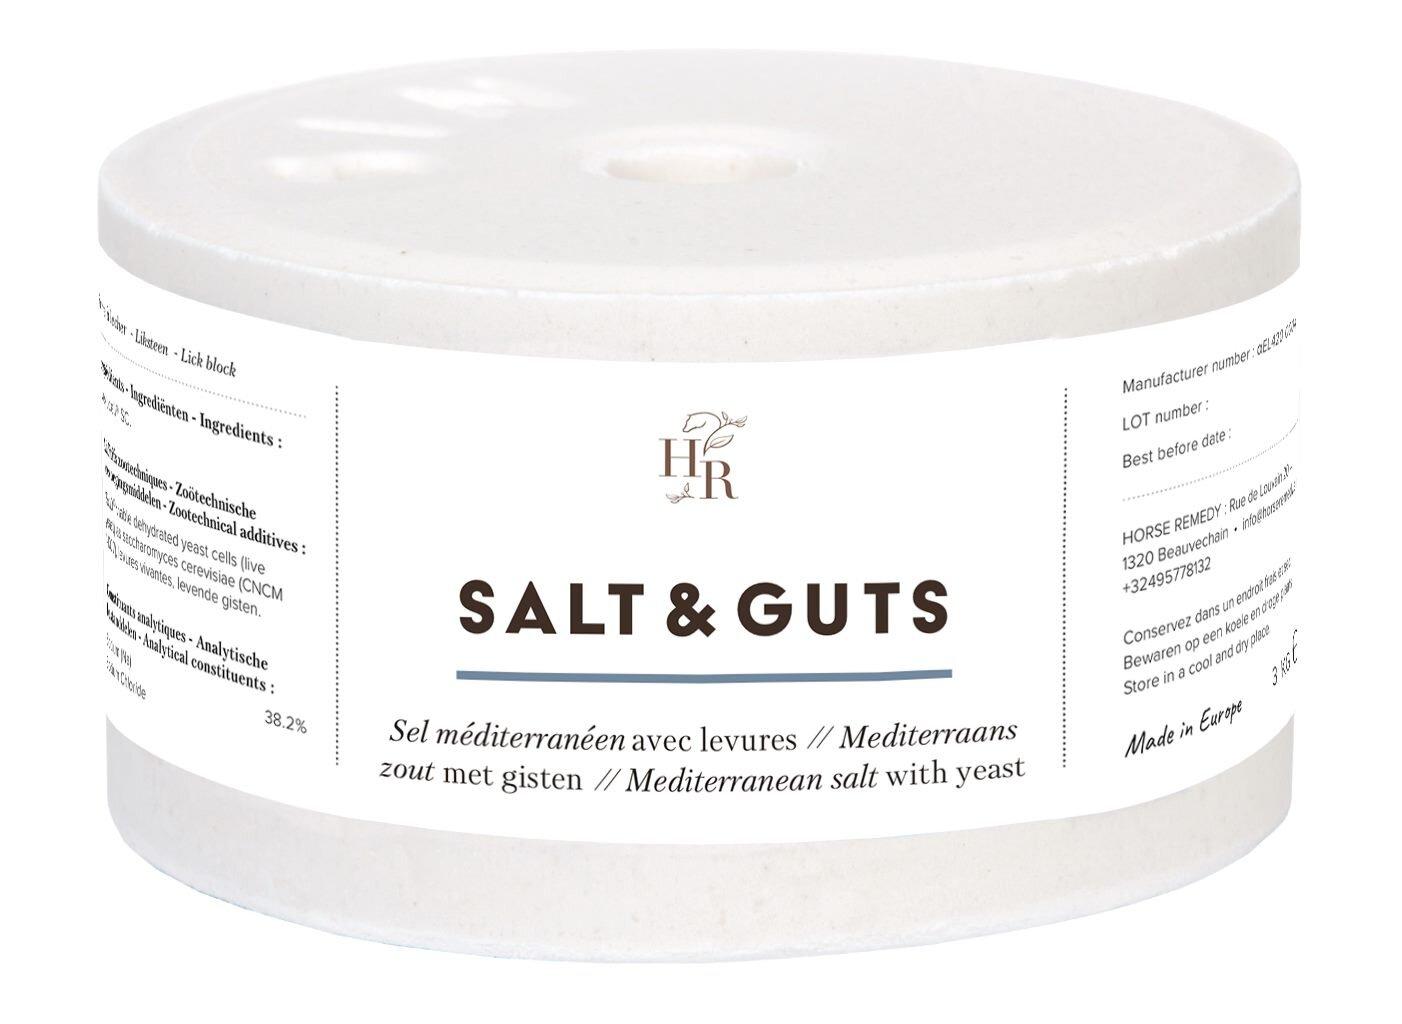 Salt & Guts.jpg